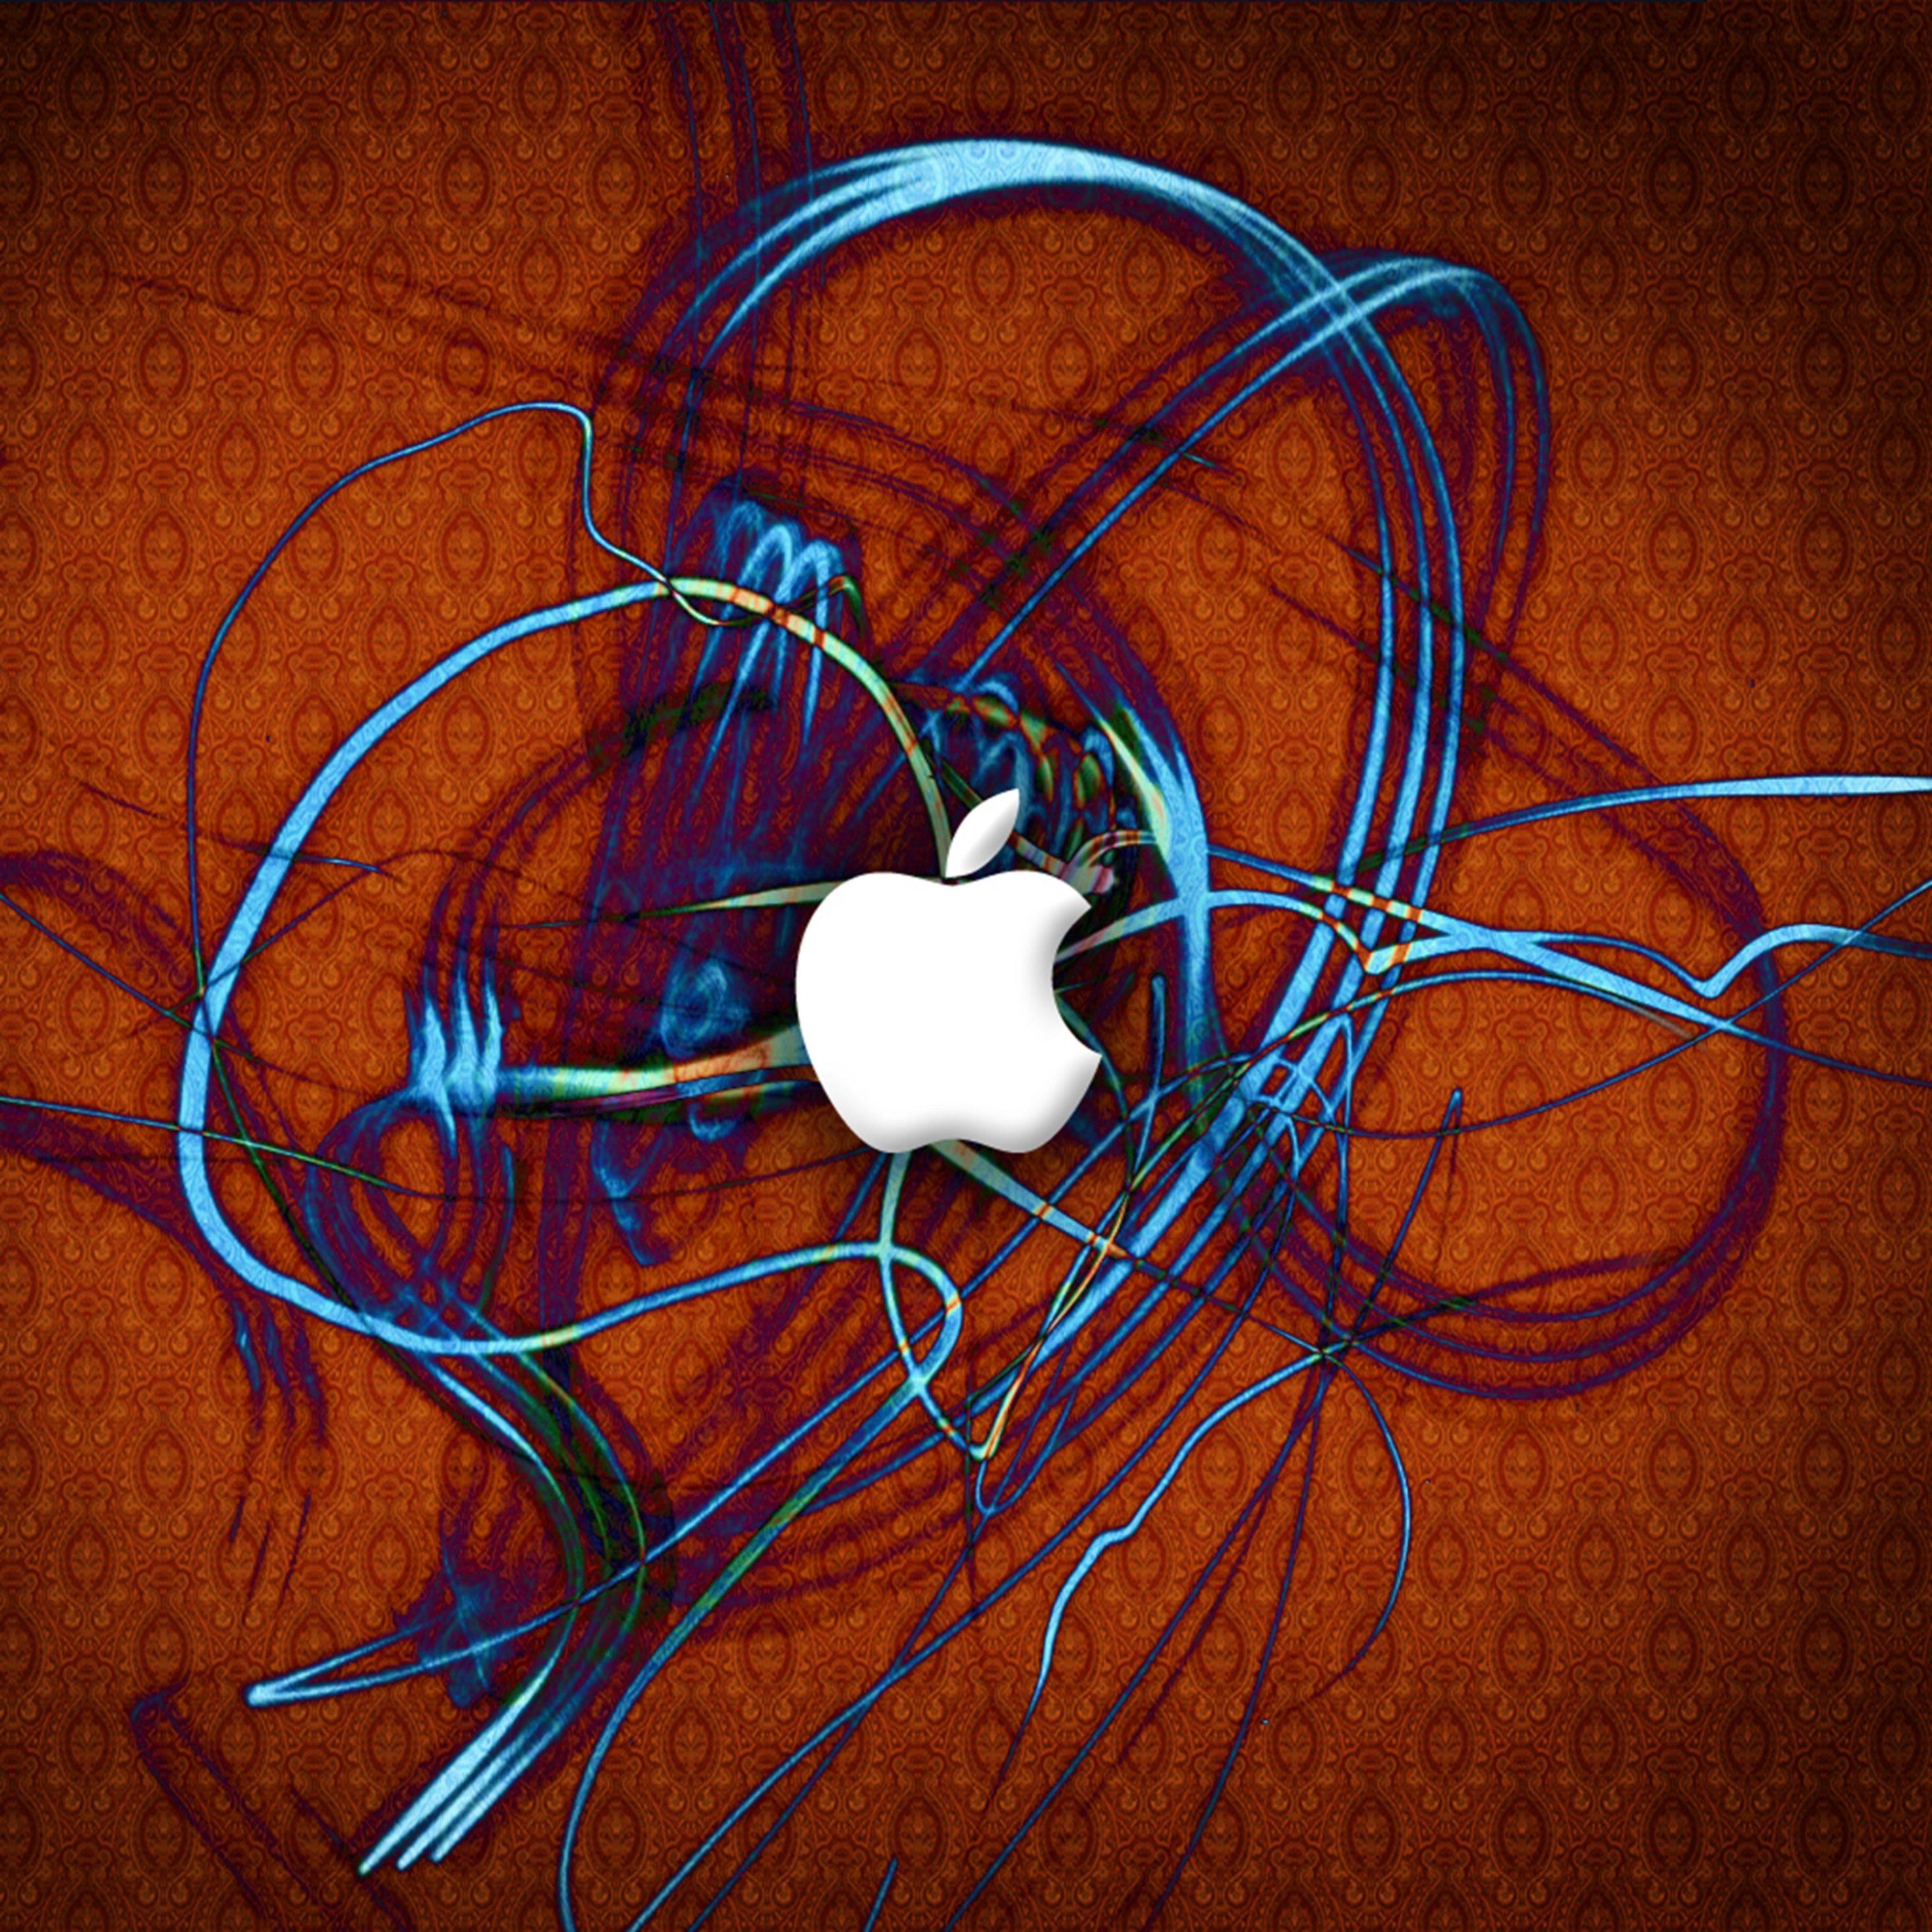 2932x2932 iPad Pro wallpaper 4k Apple Blue Ribbon Ipad Wallpaper 2932x2932 pixels resolution